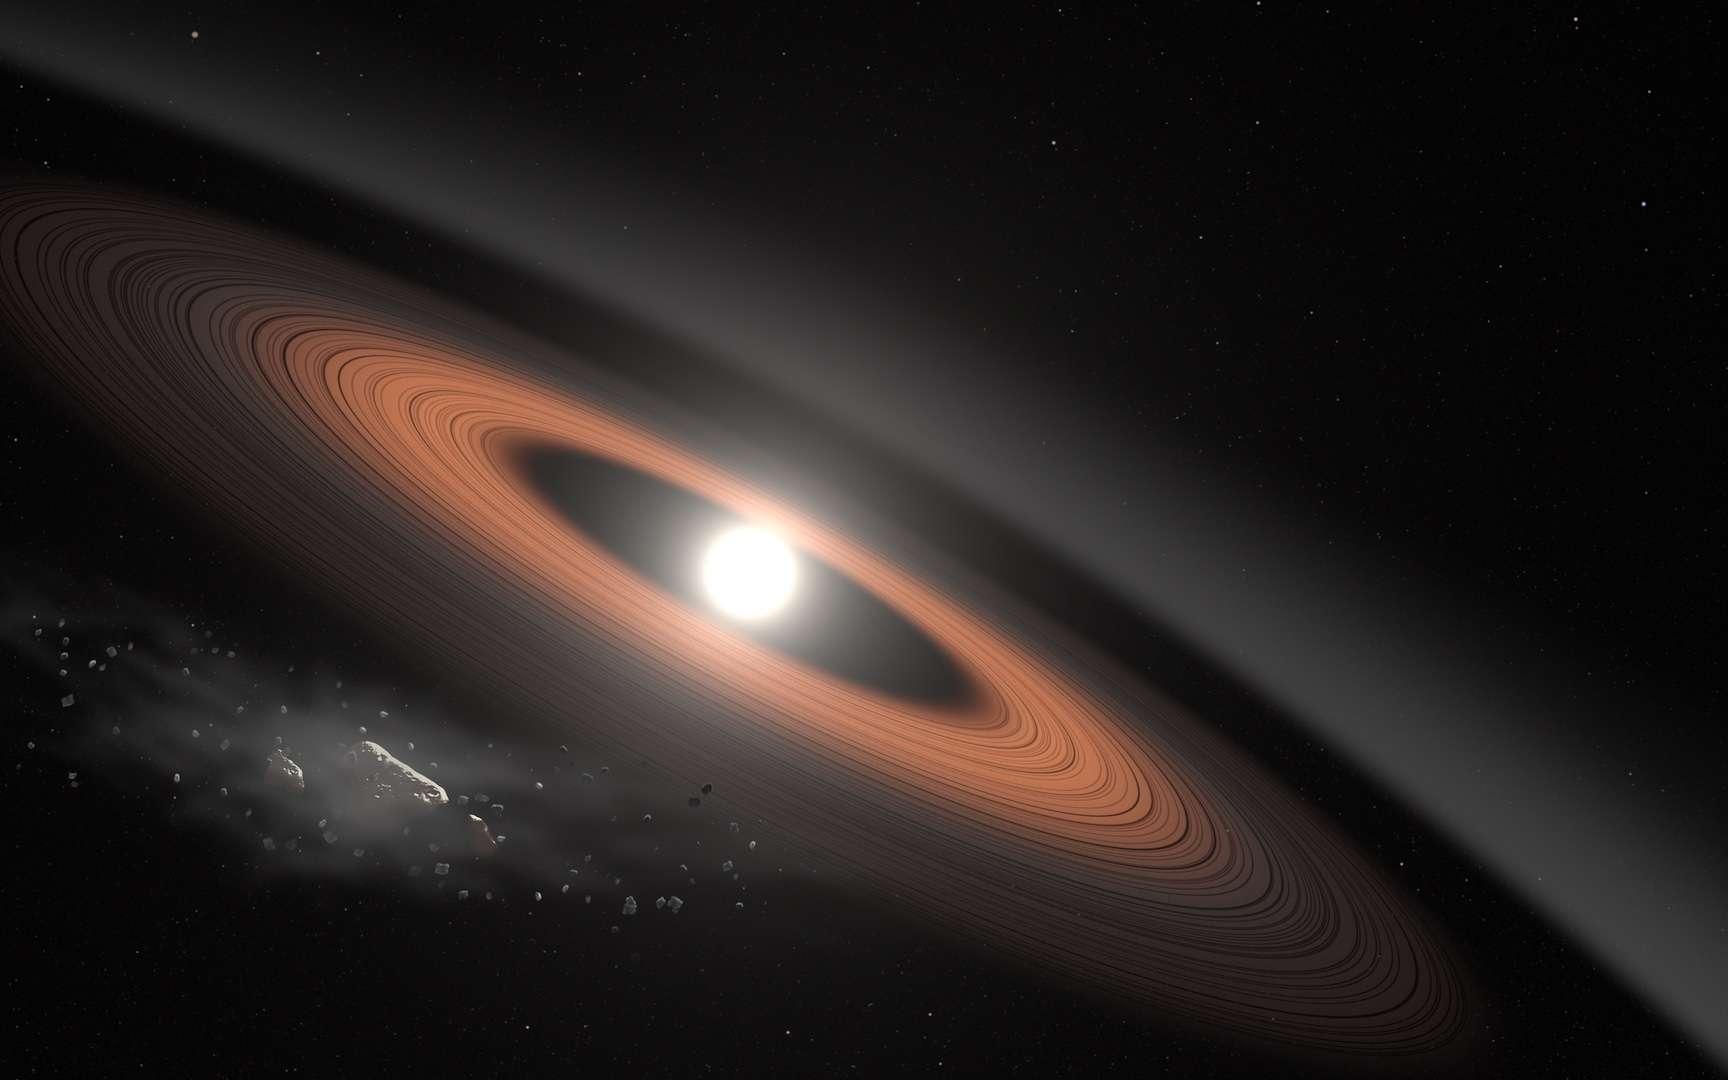 Dans cette illustration, un astéroïde (en bas à gauche) se brise sous la puissante gravité de LSPM J0207 + 3331, la naine blanche la plus ancienne et la plus froide connue pour être entourée d'un anneau de débris poussiéreux. Les scientifiques pensent que le signal infrarouge du système s'explique mieux par deux anneaux distincts composés de poussière fournie par des astéroïdes en ruine. © Nasa's Goddard Space Flight Center/Scott Wiessinger